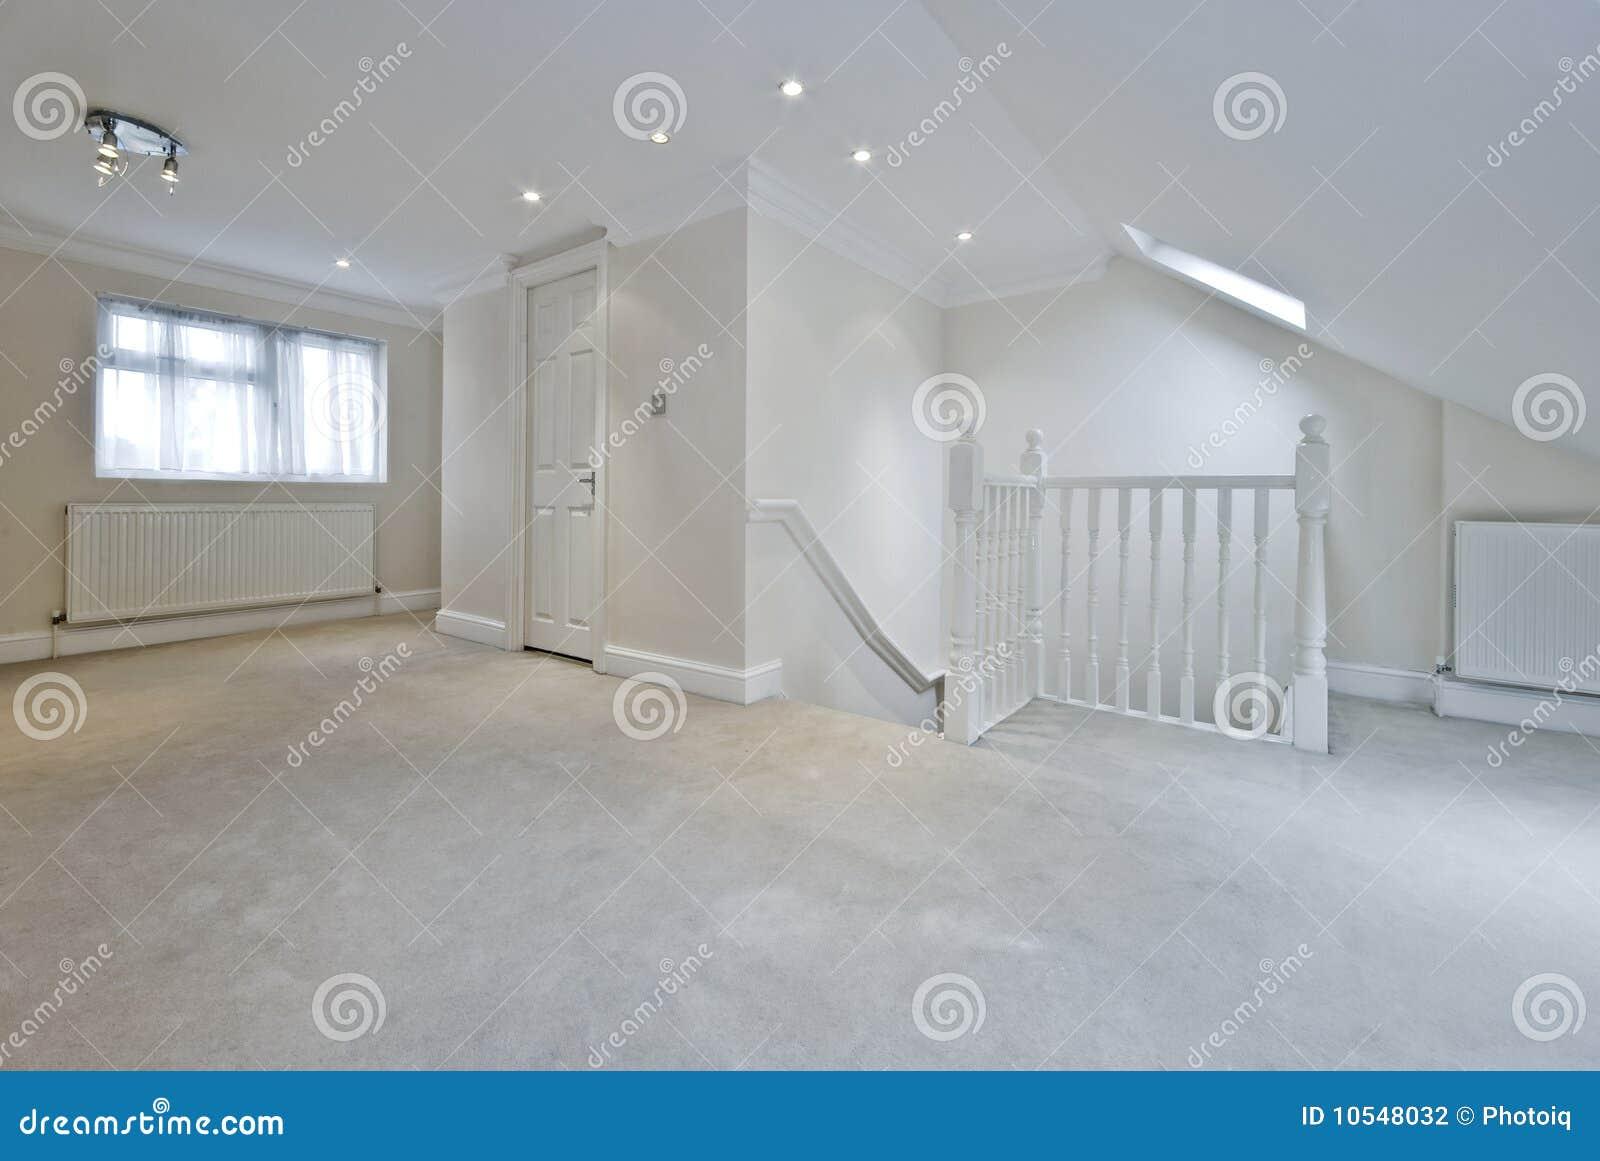 De ruimte van de zolder stock fotografie afbeelding 10548032 - Uitbreiding van de zolder ...